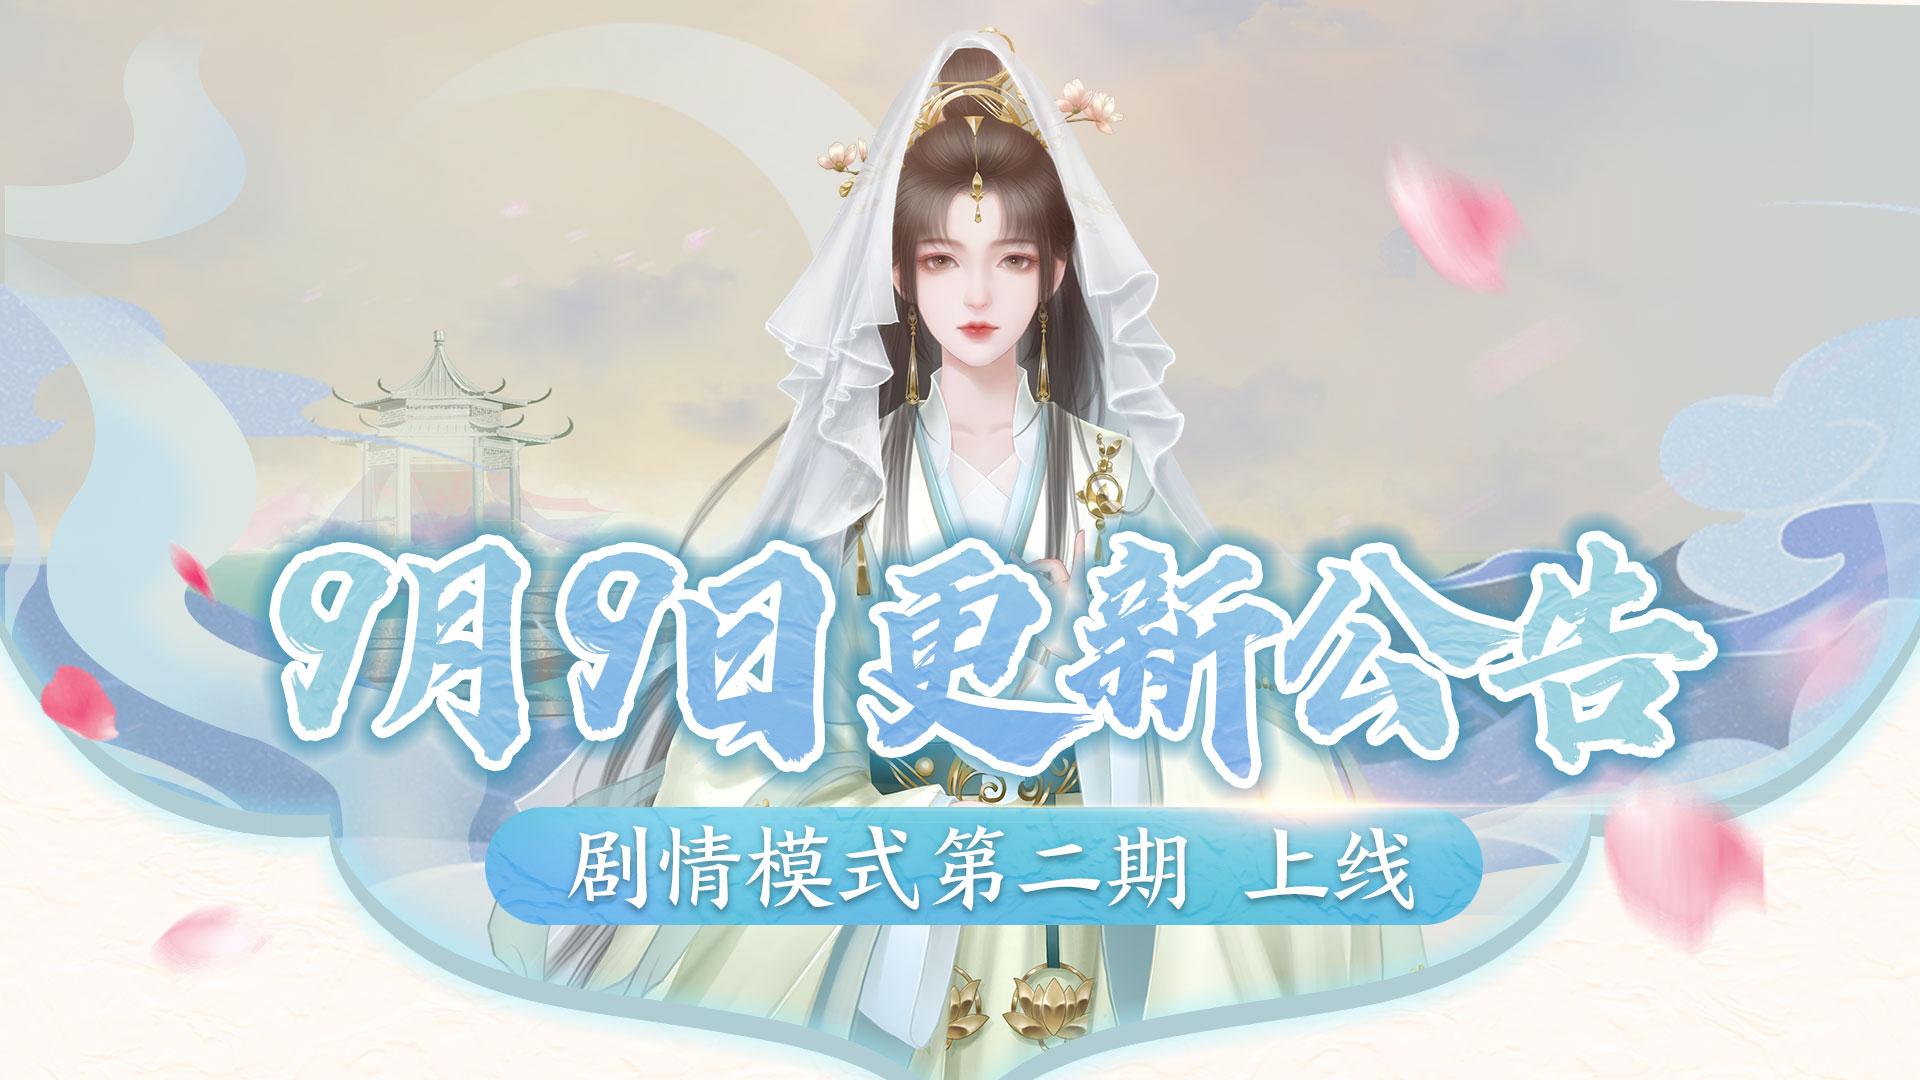 【9月9日更新】剧情模式第二期开启,后宫台词语音上新